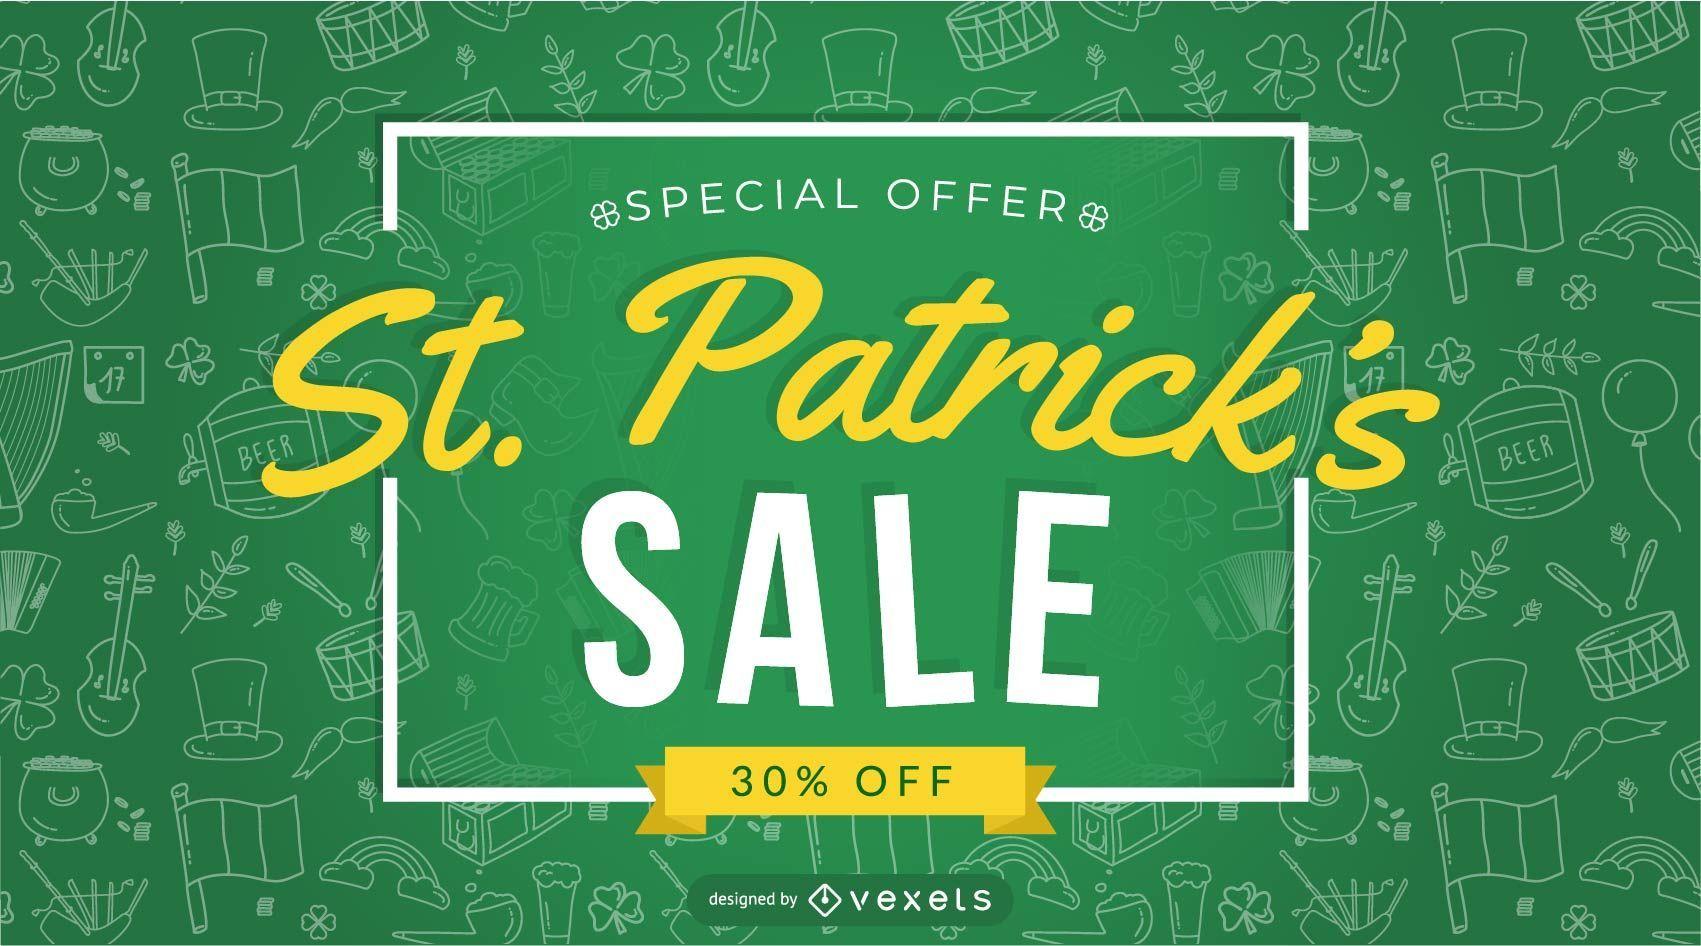 St. Patrick's Sale Special Offer Design